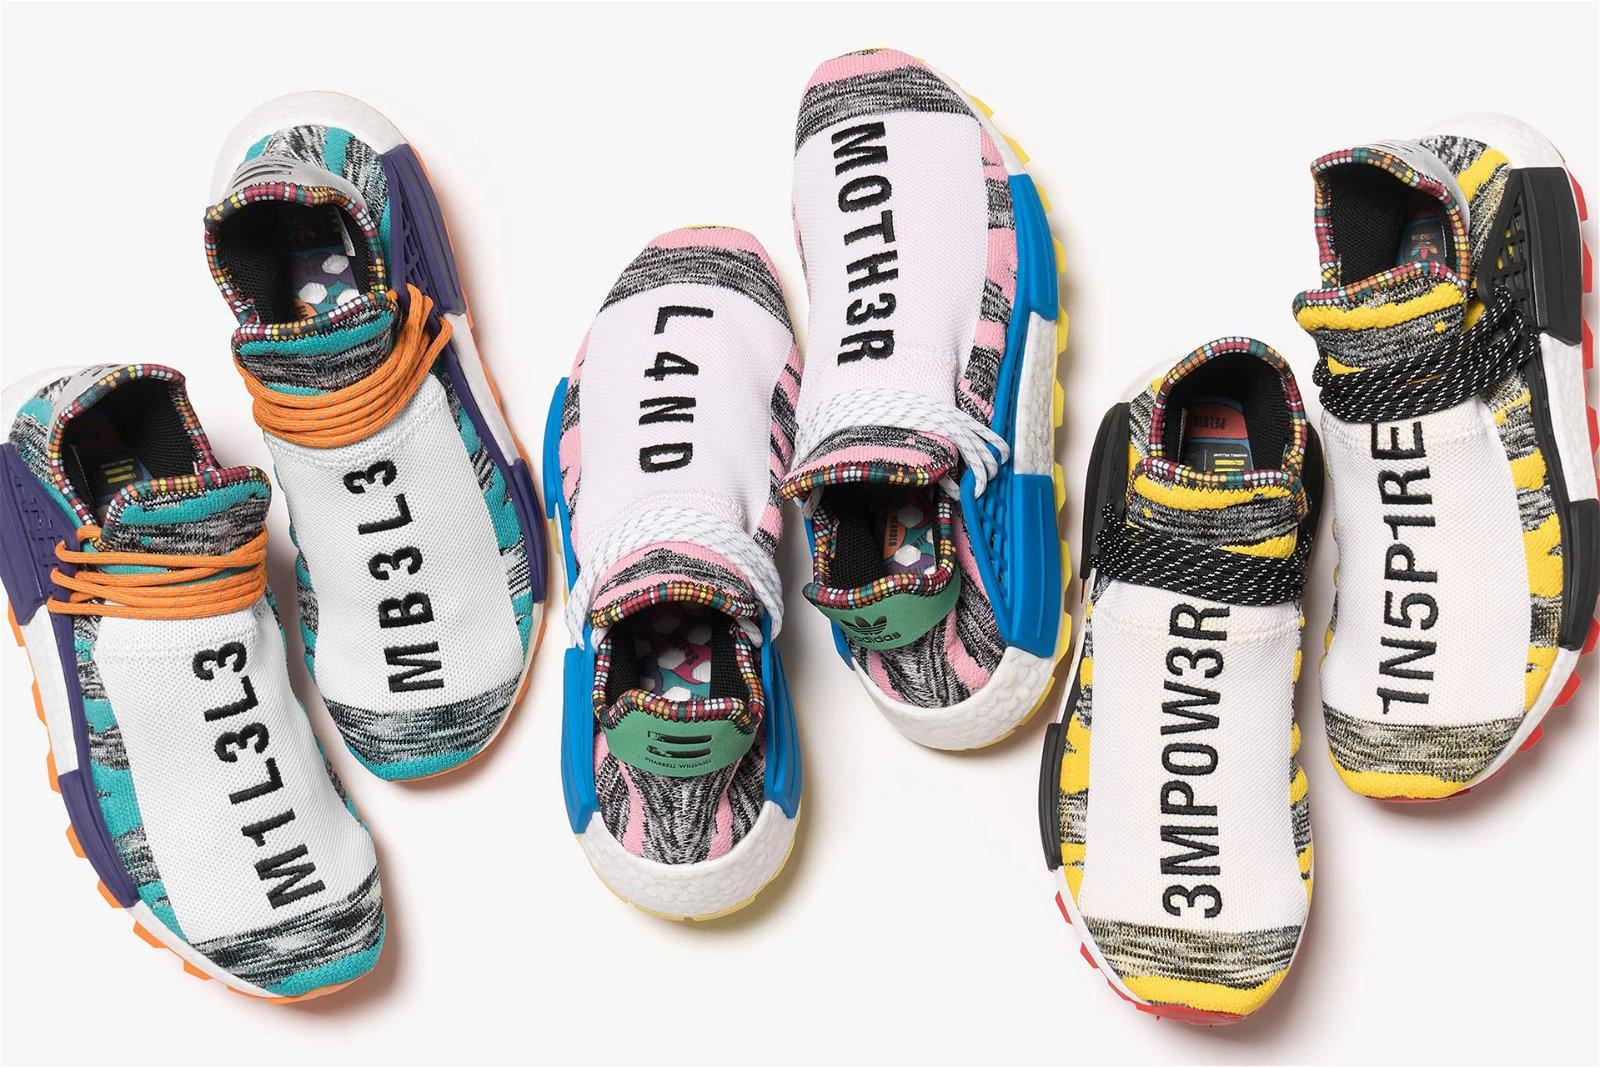 adidas Consortium x Pharrell Williams